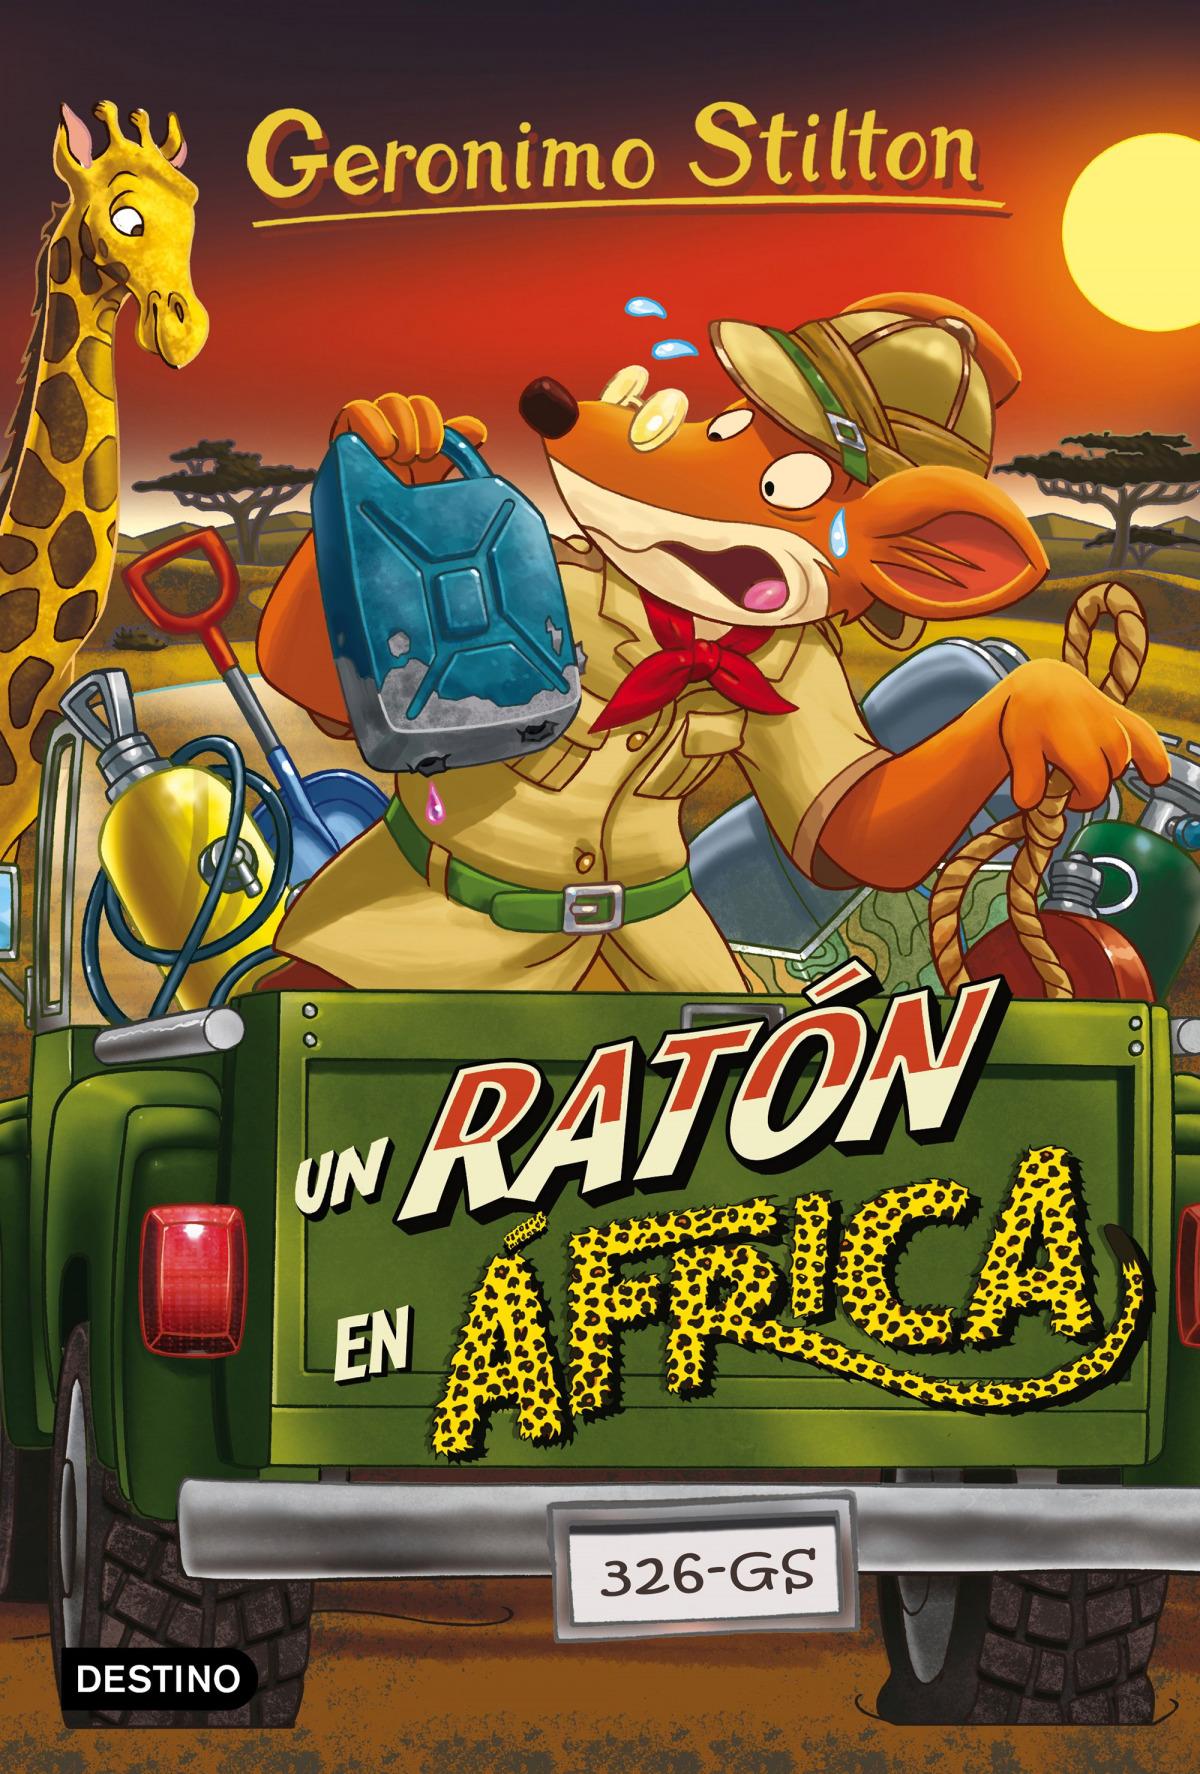 GERONIMO STILTON UN RATON EN AFRICA